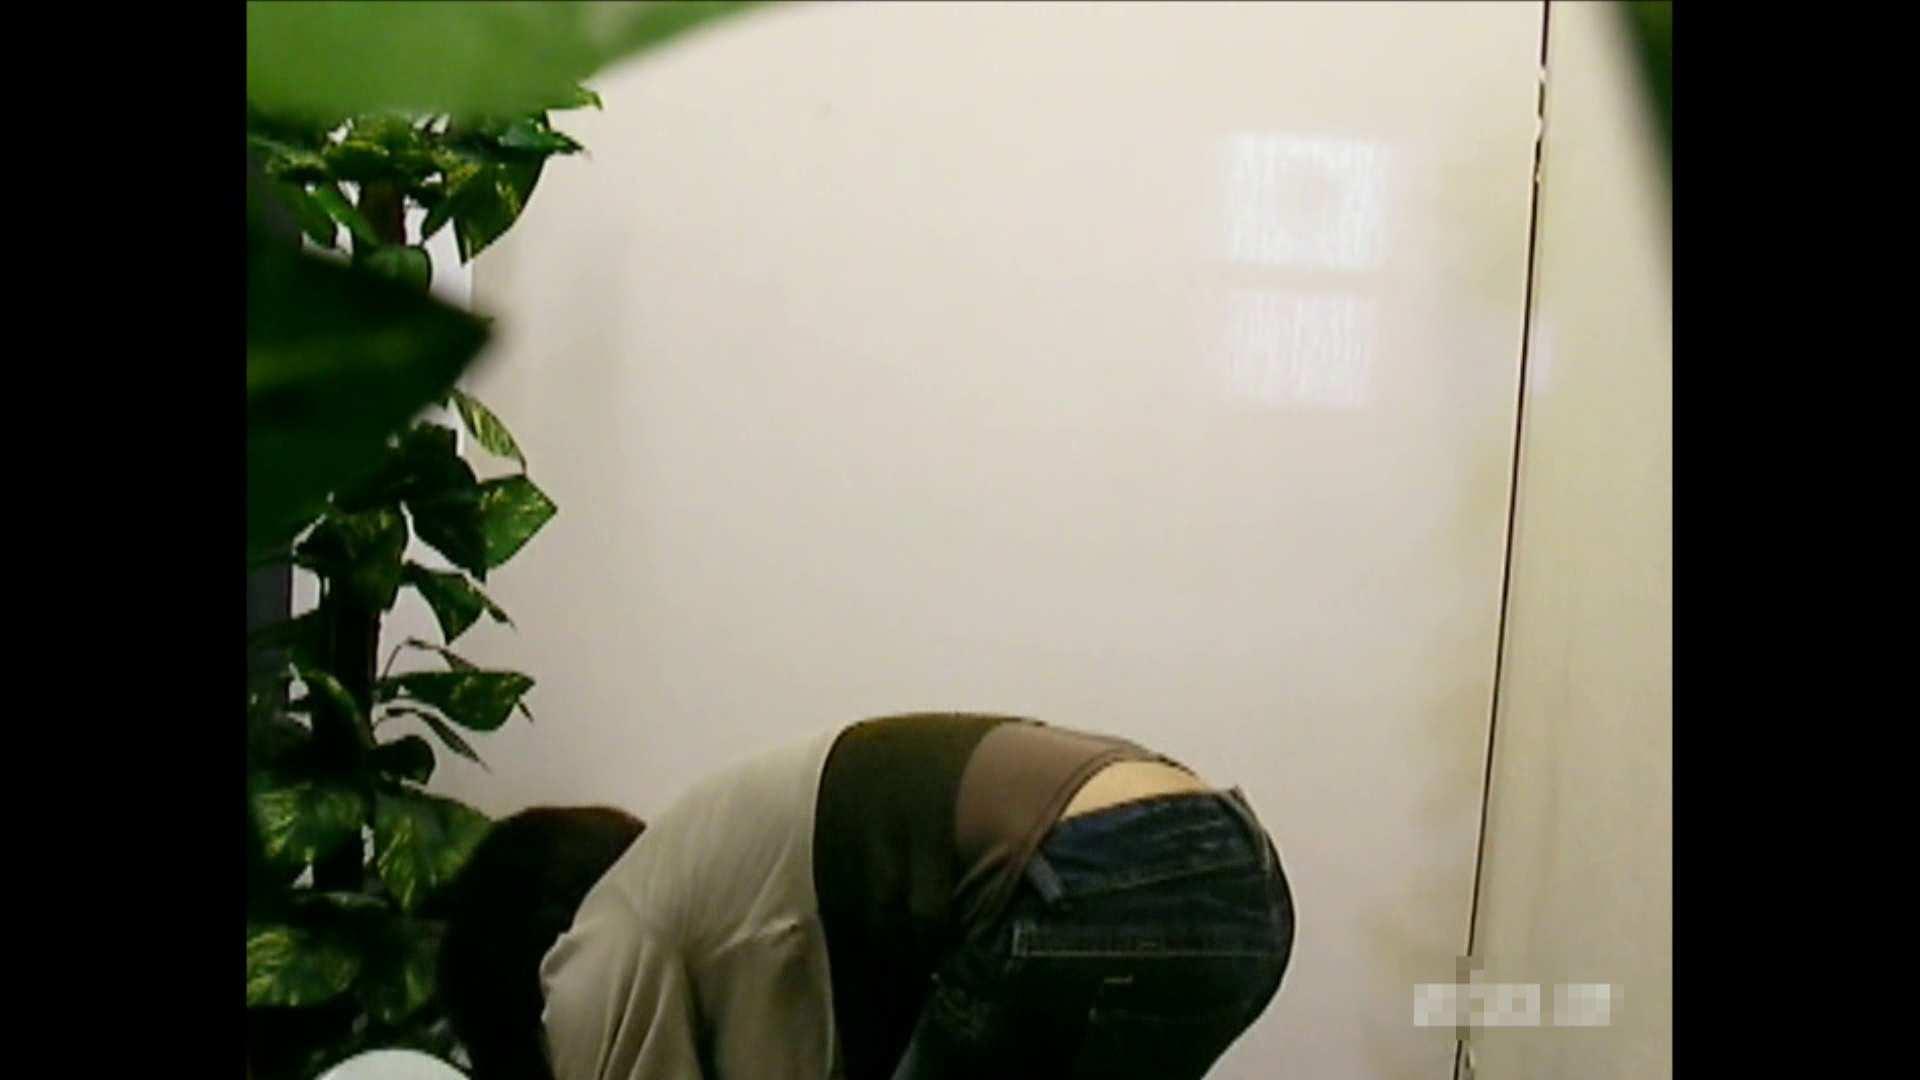 素人撮影 下着だけの撮影のはずが・・・地方から来た女の子 盗撮 アダルト動画キャプチャ 74pic 74